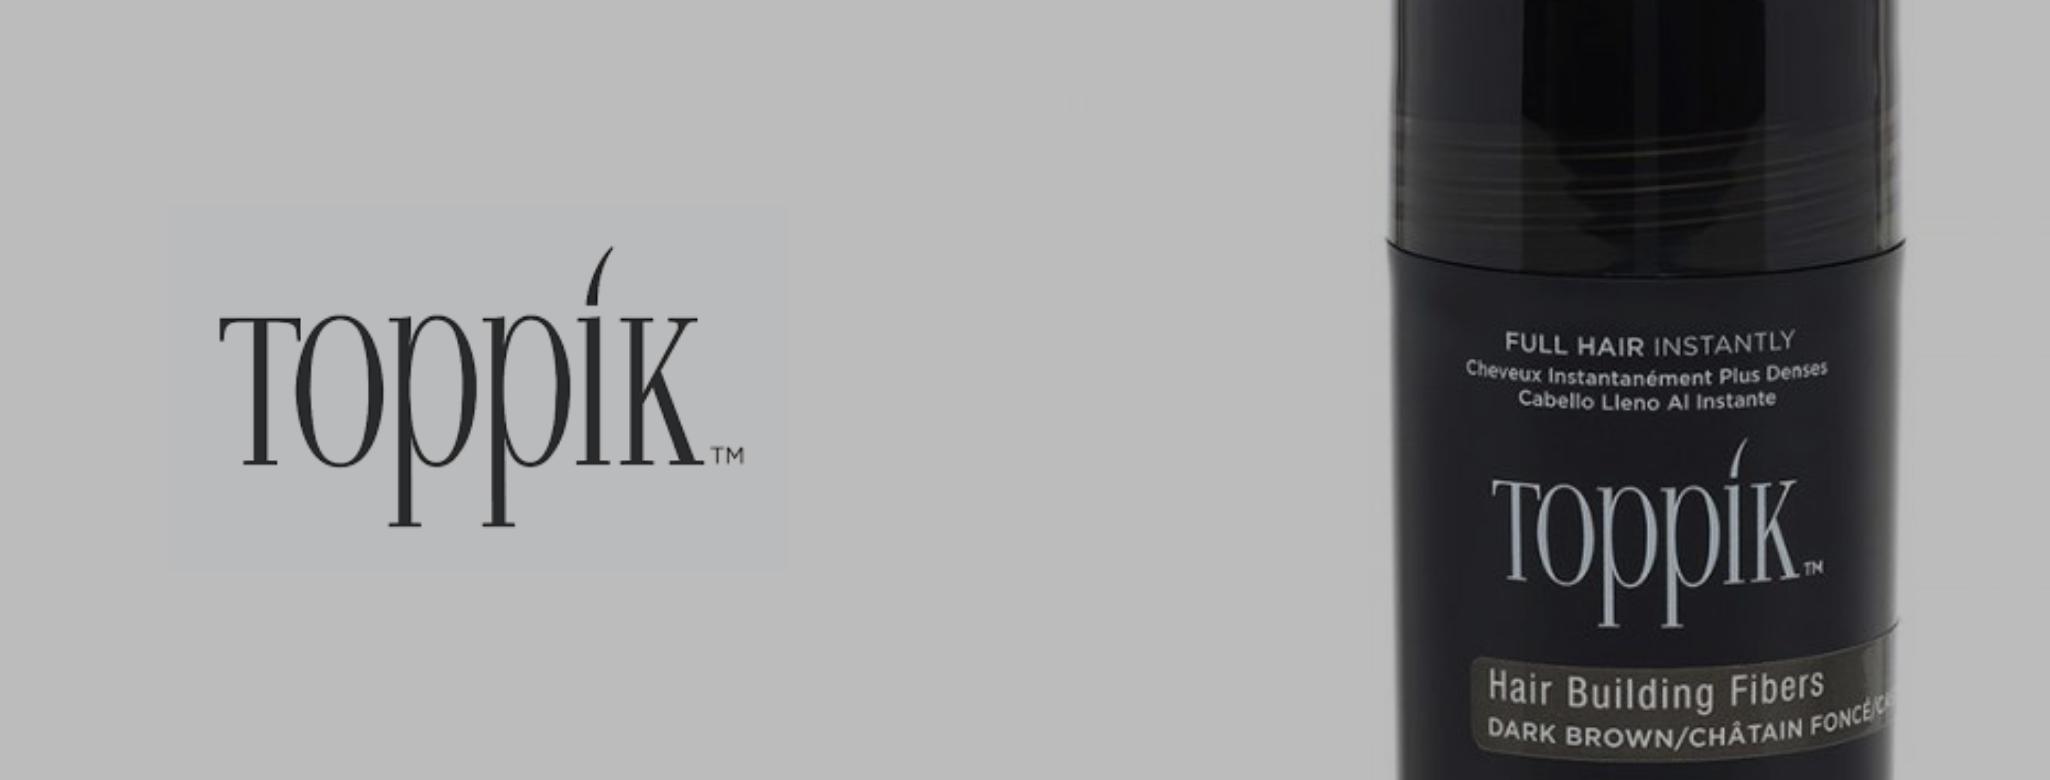 Toppik brand banner